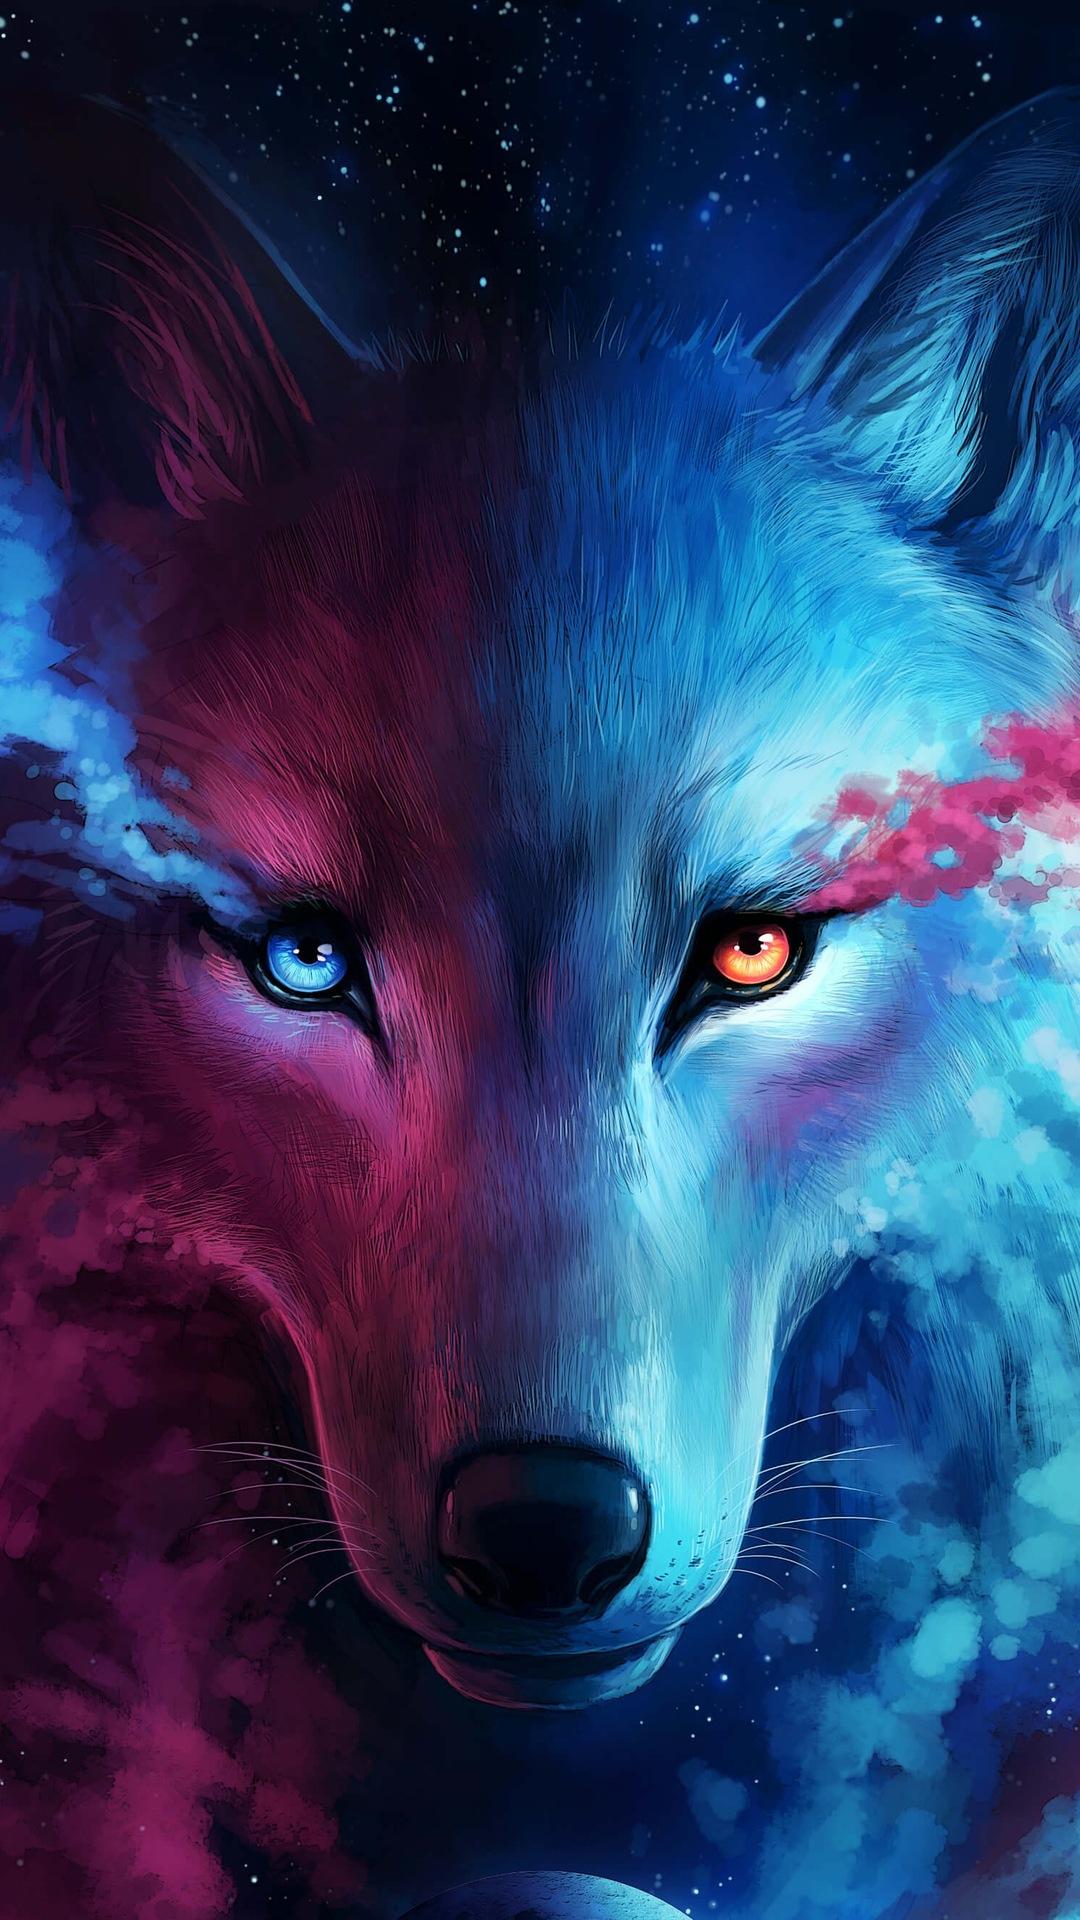 Galaxy Wolf Wallpaper Iphone Best Wallpaper Foto In 2019